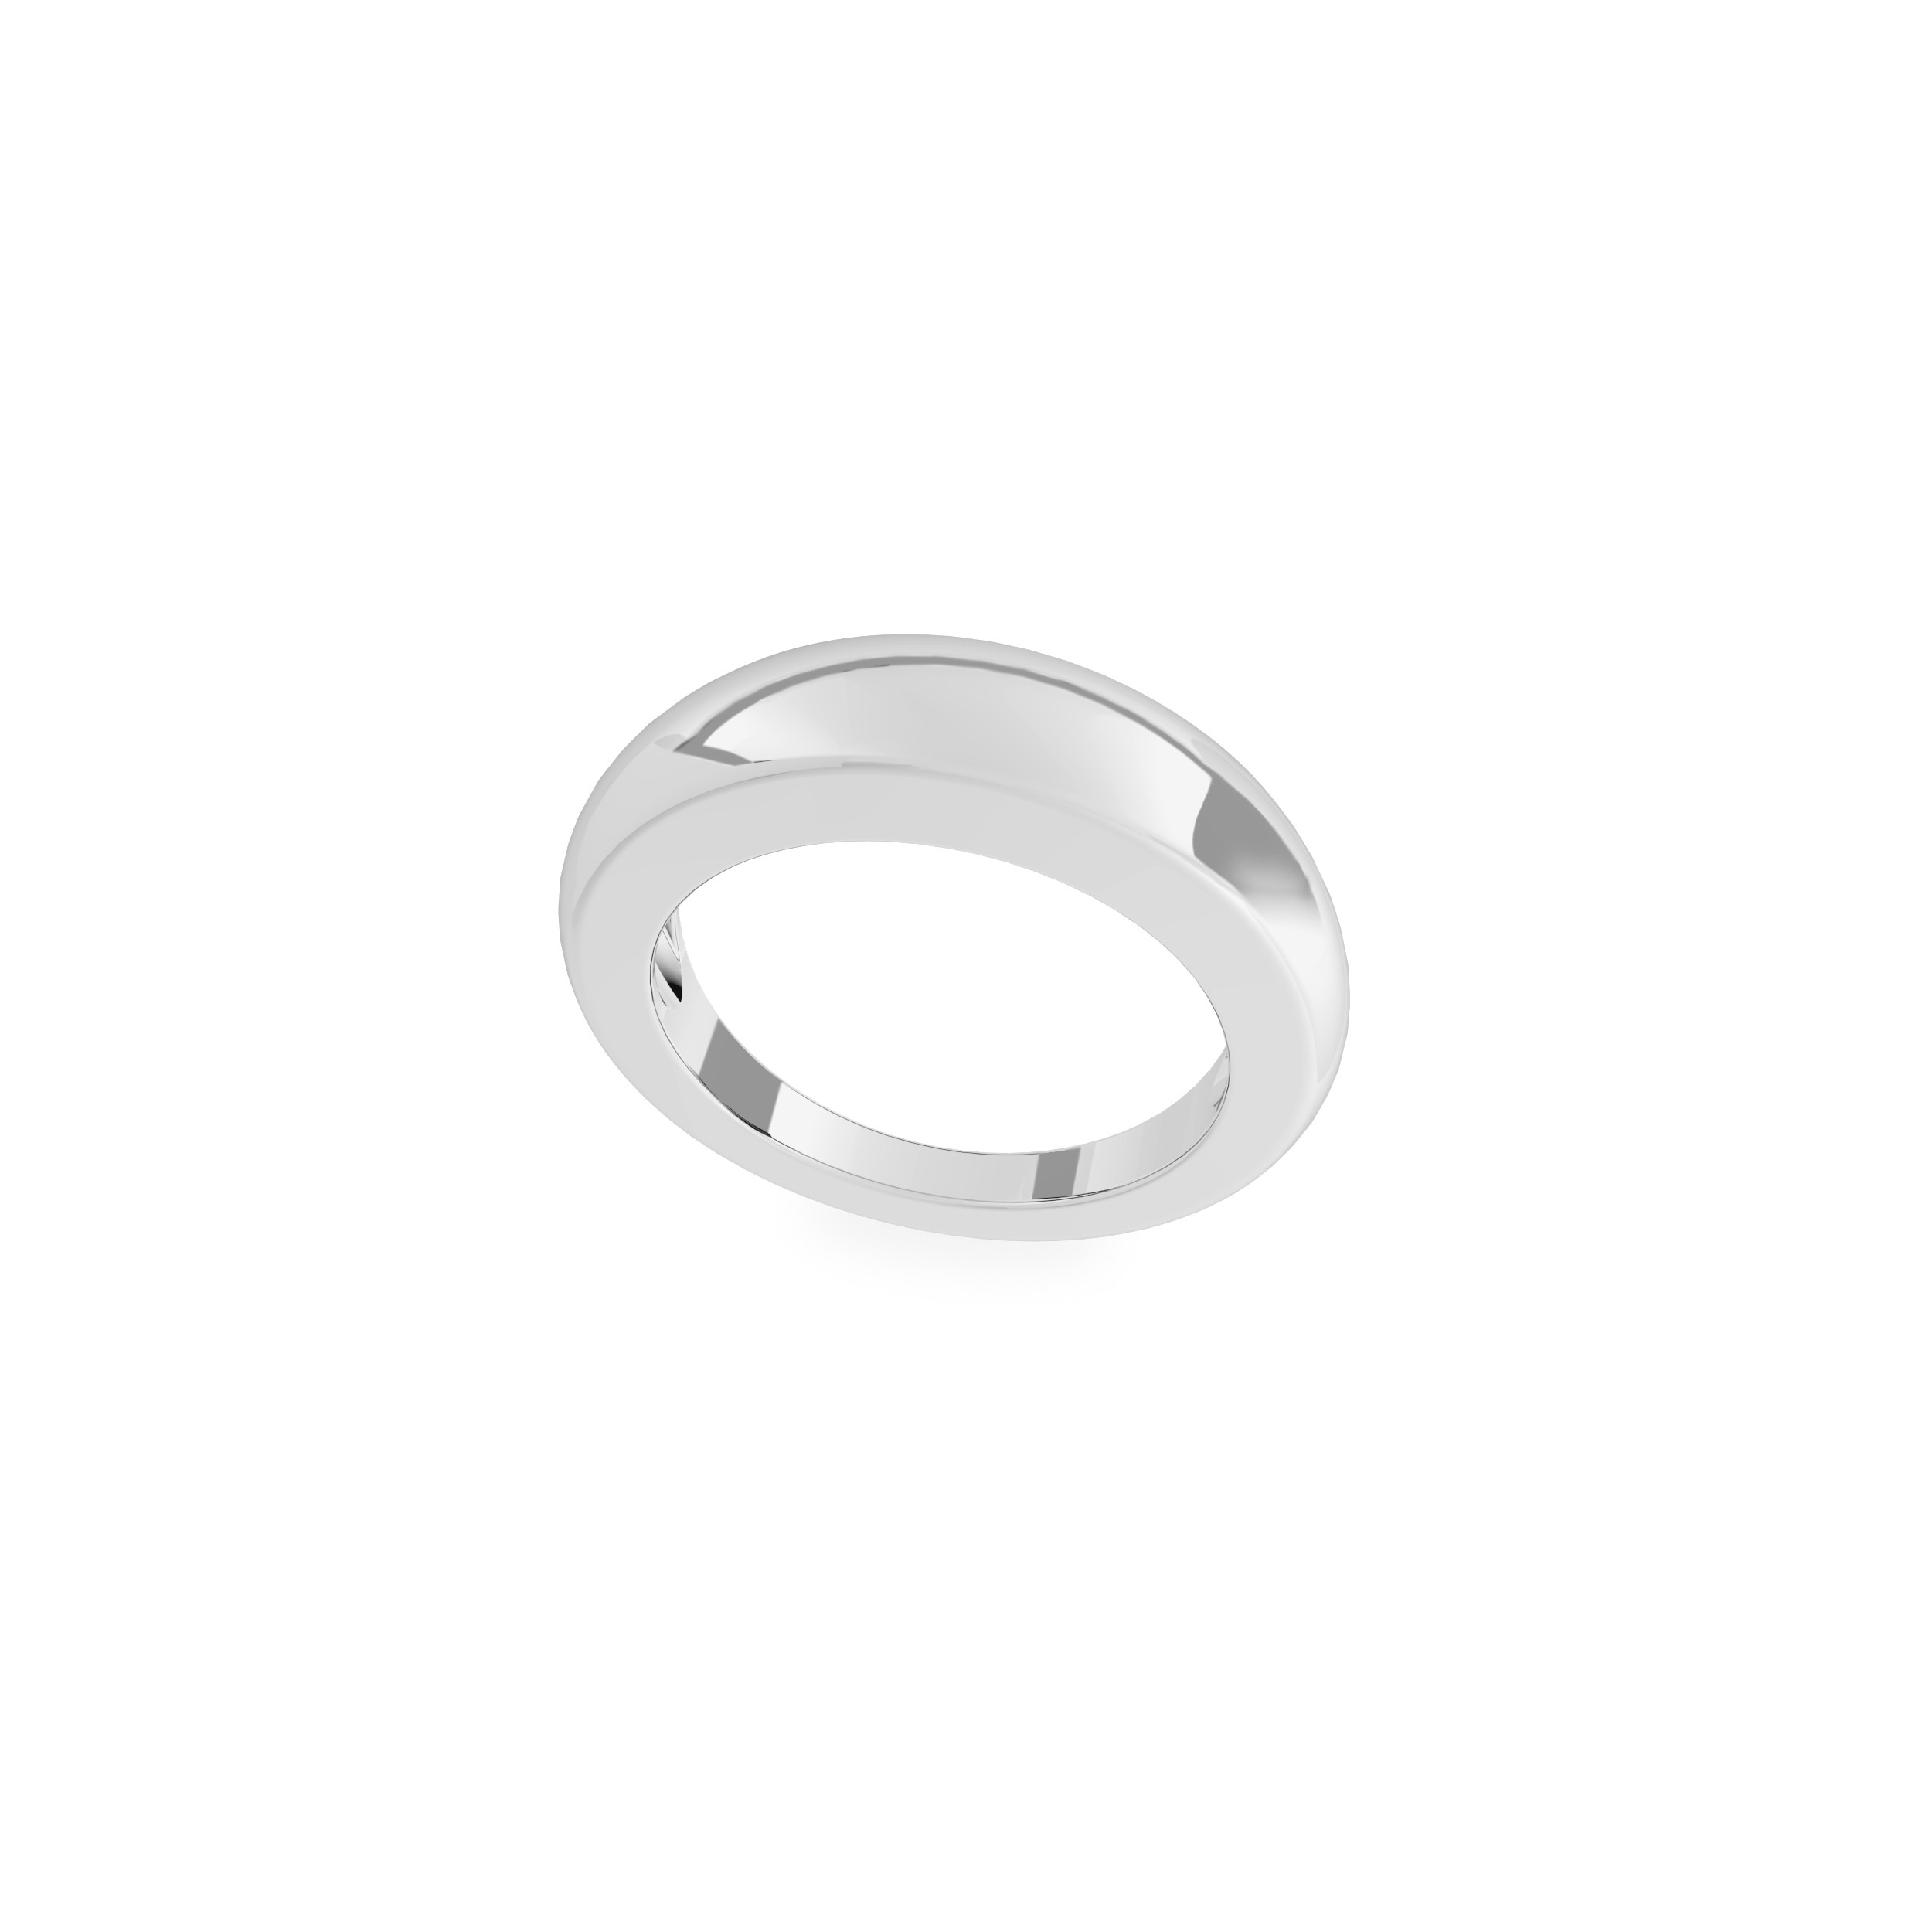 Owalny pierścień, srebro 925